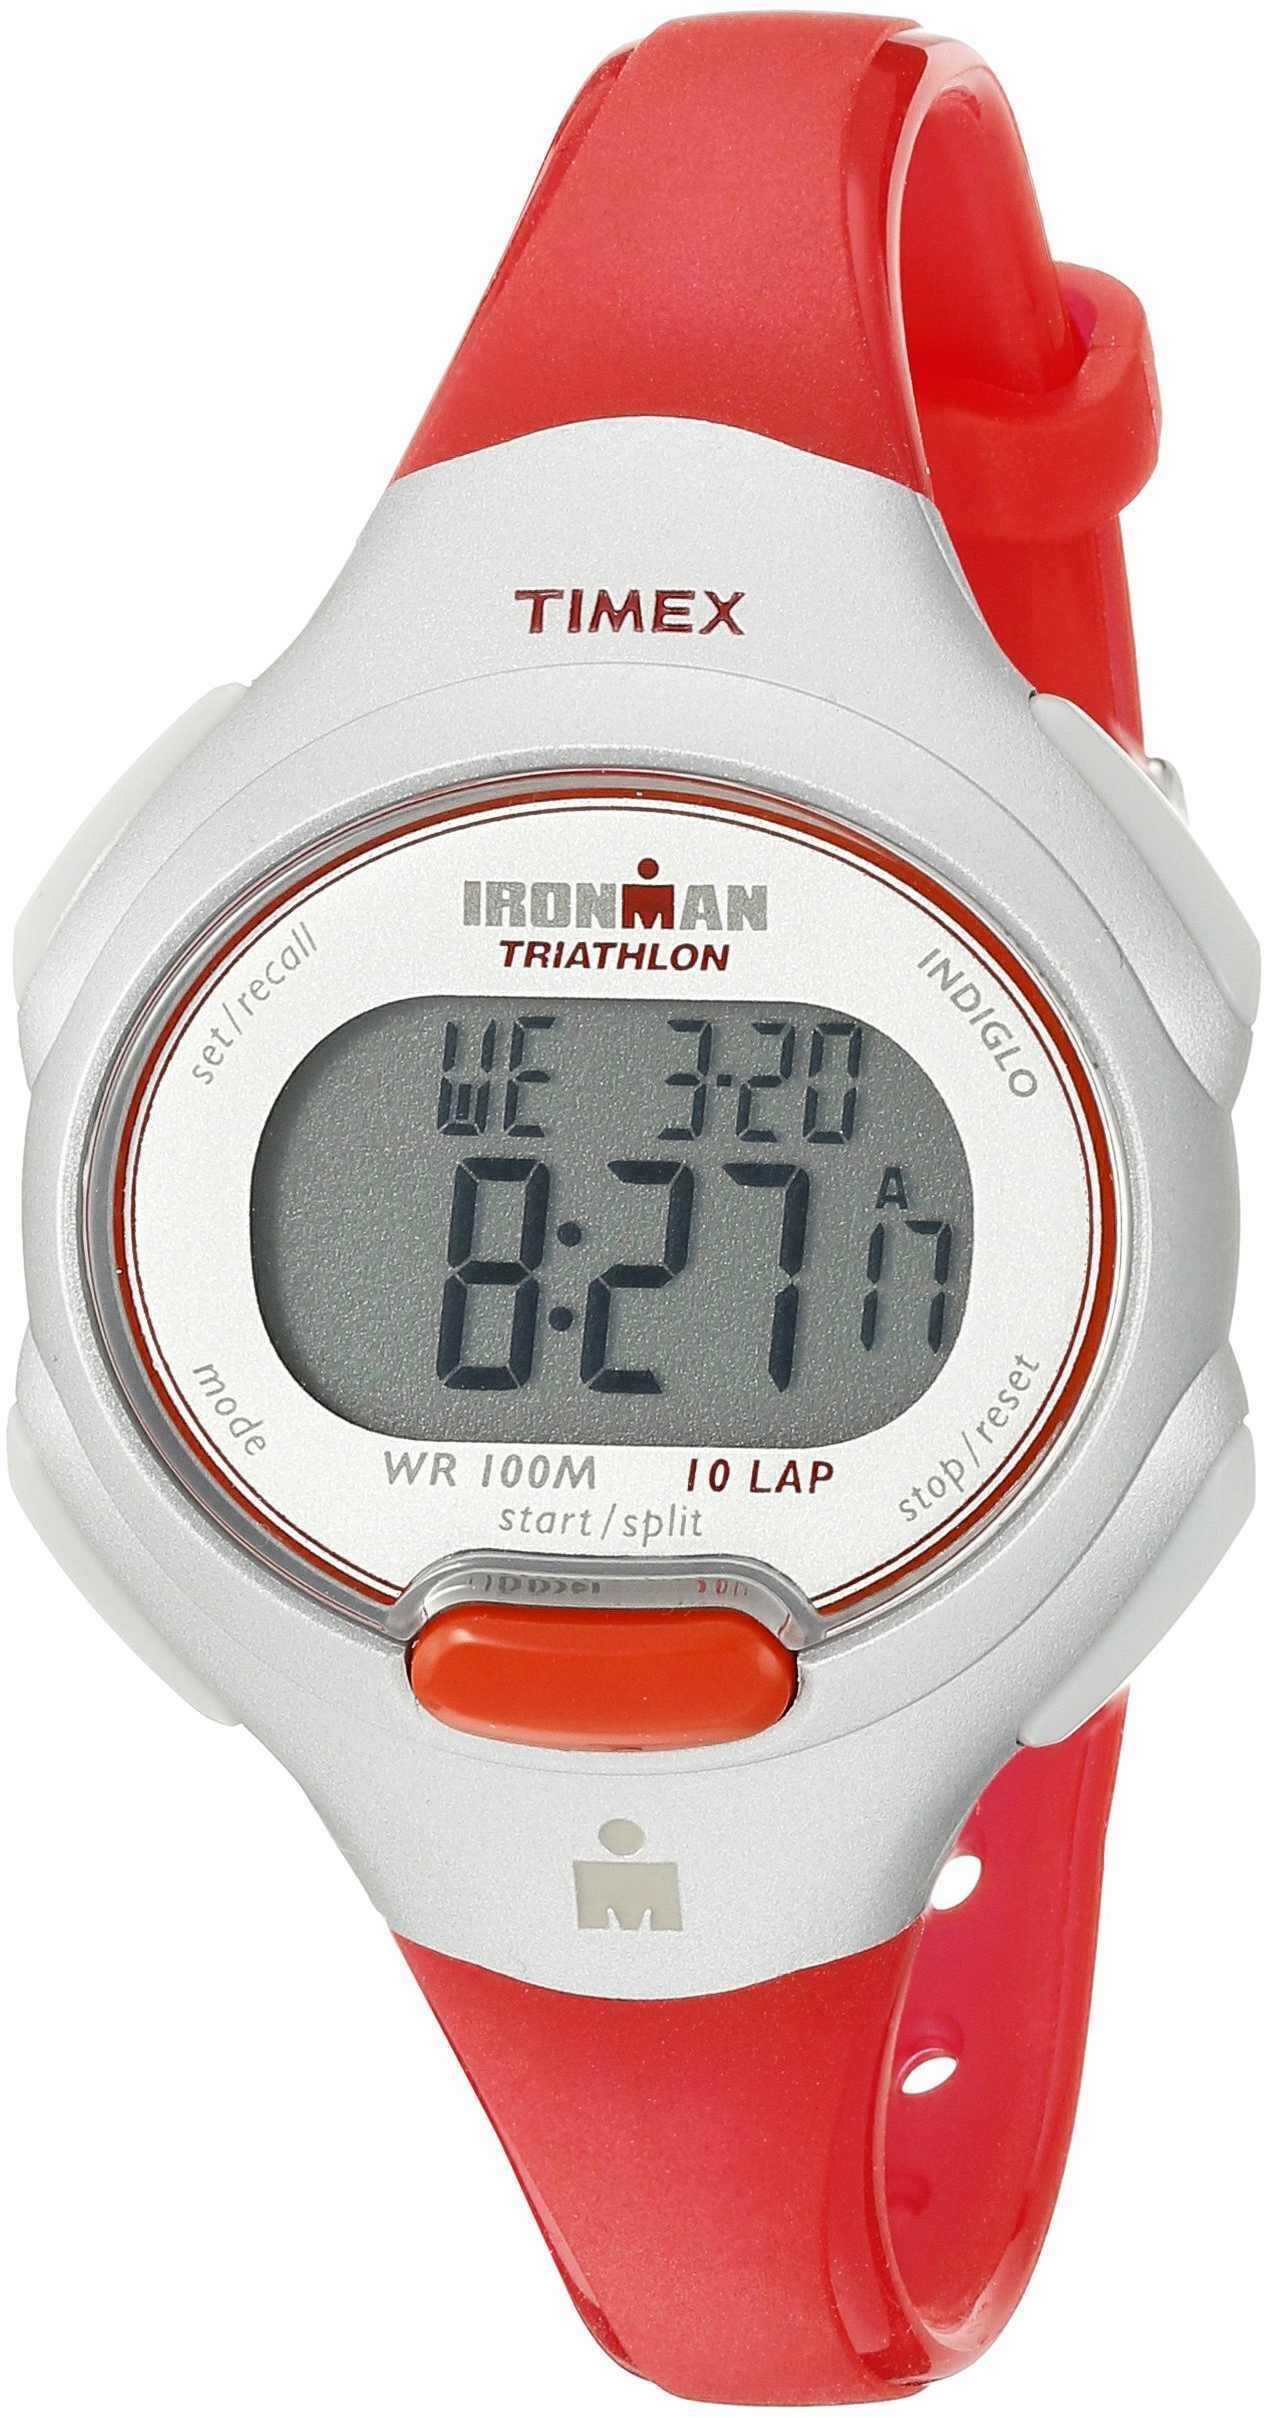 Timex T5K741 > Darmowa dostawa UPS Darmowy zwrot UPS przez 100 DNI Odbierz w salonie w Warszawie